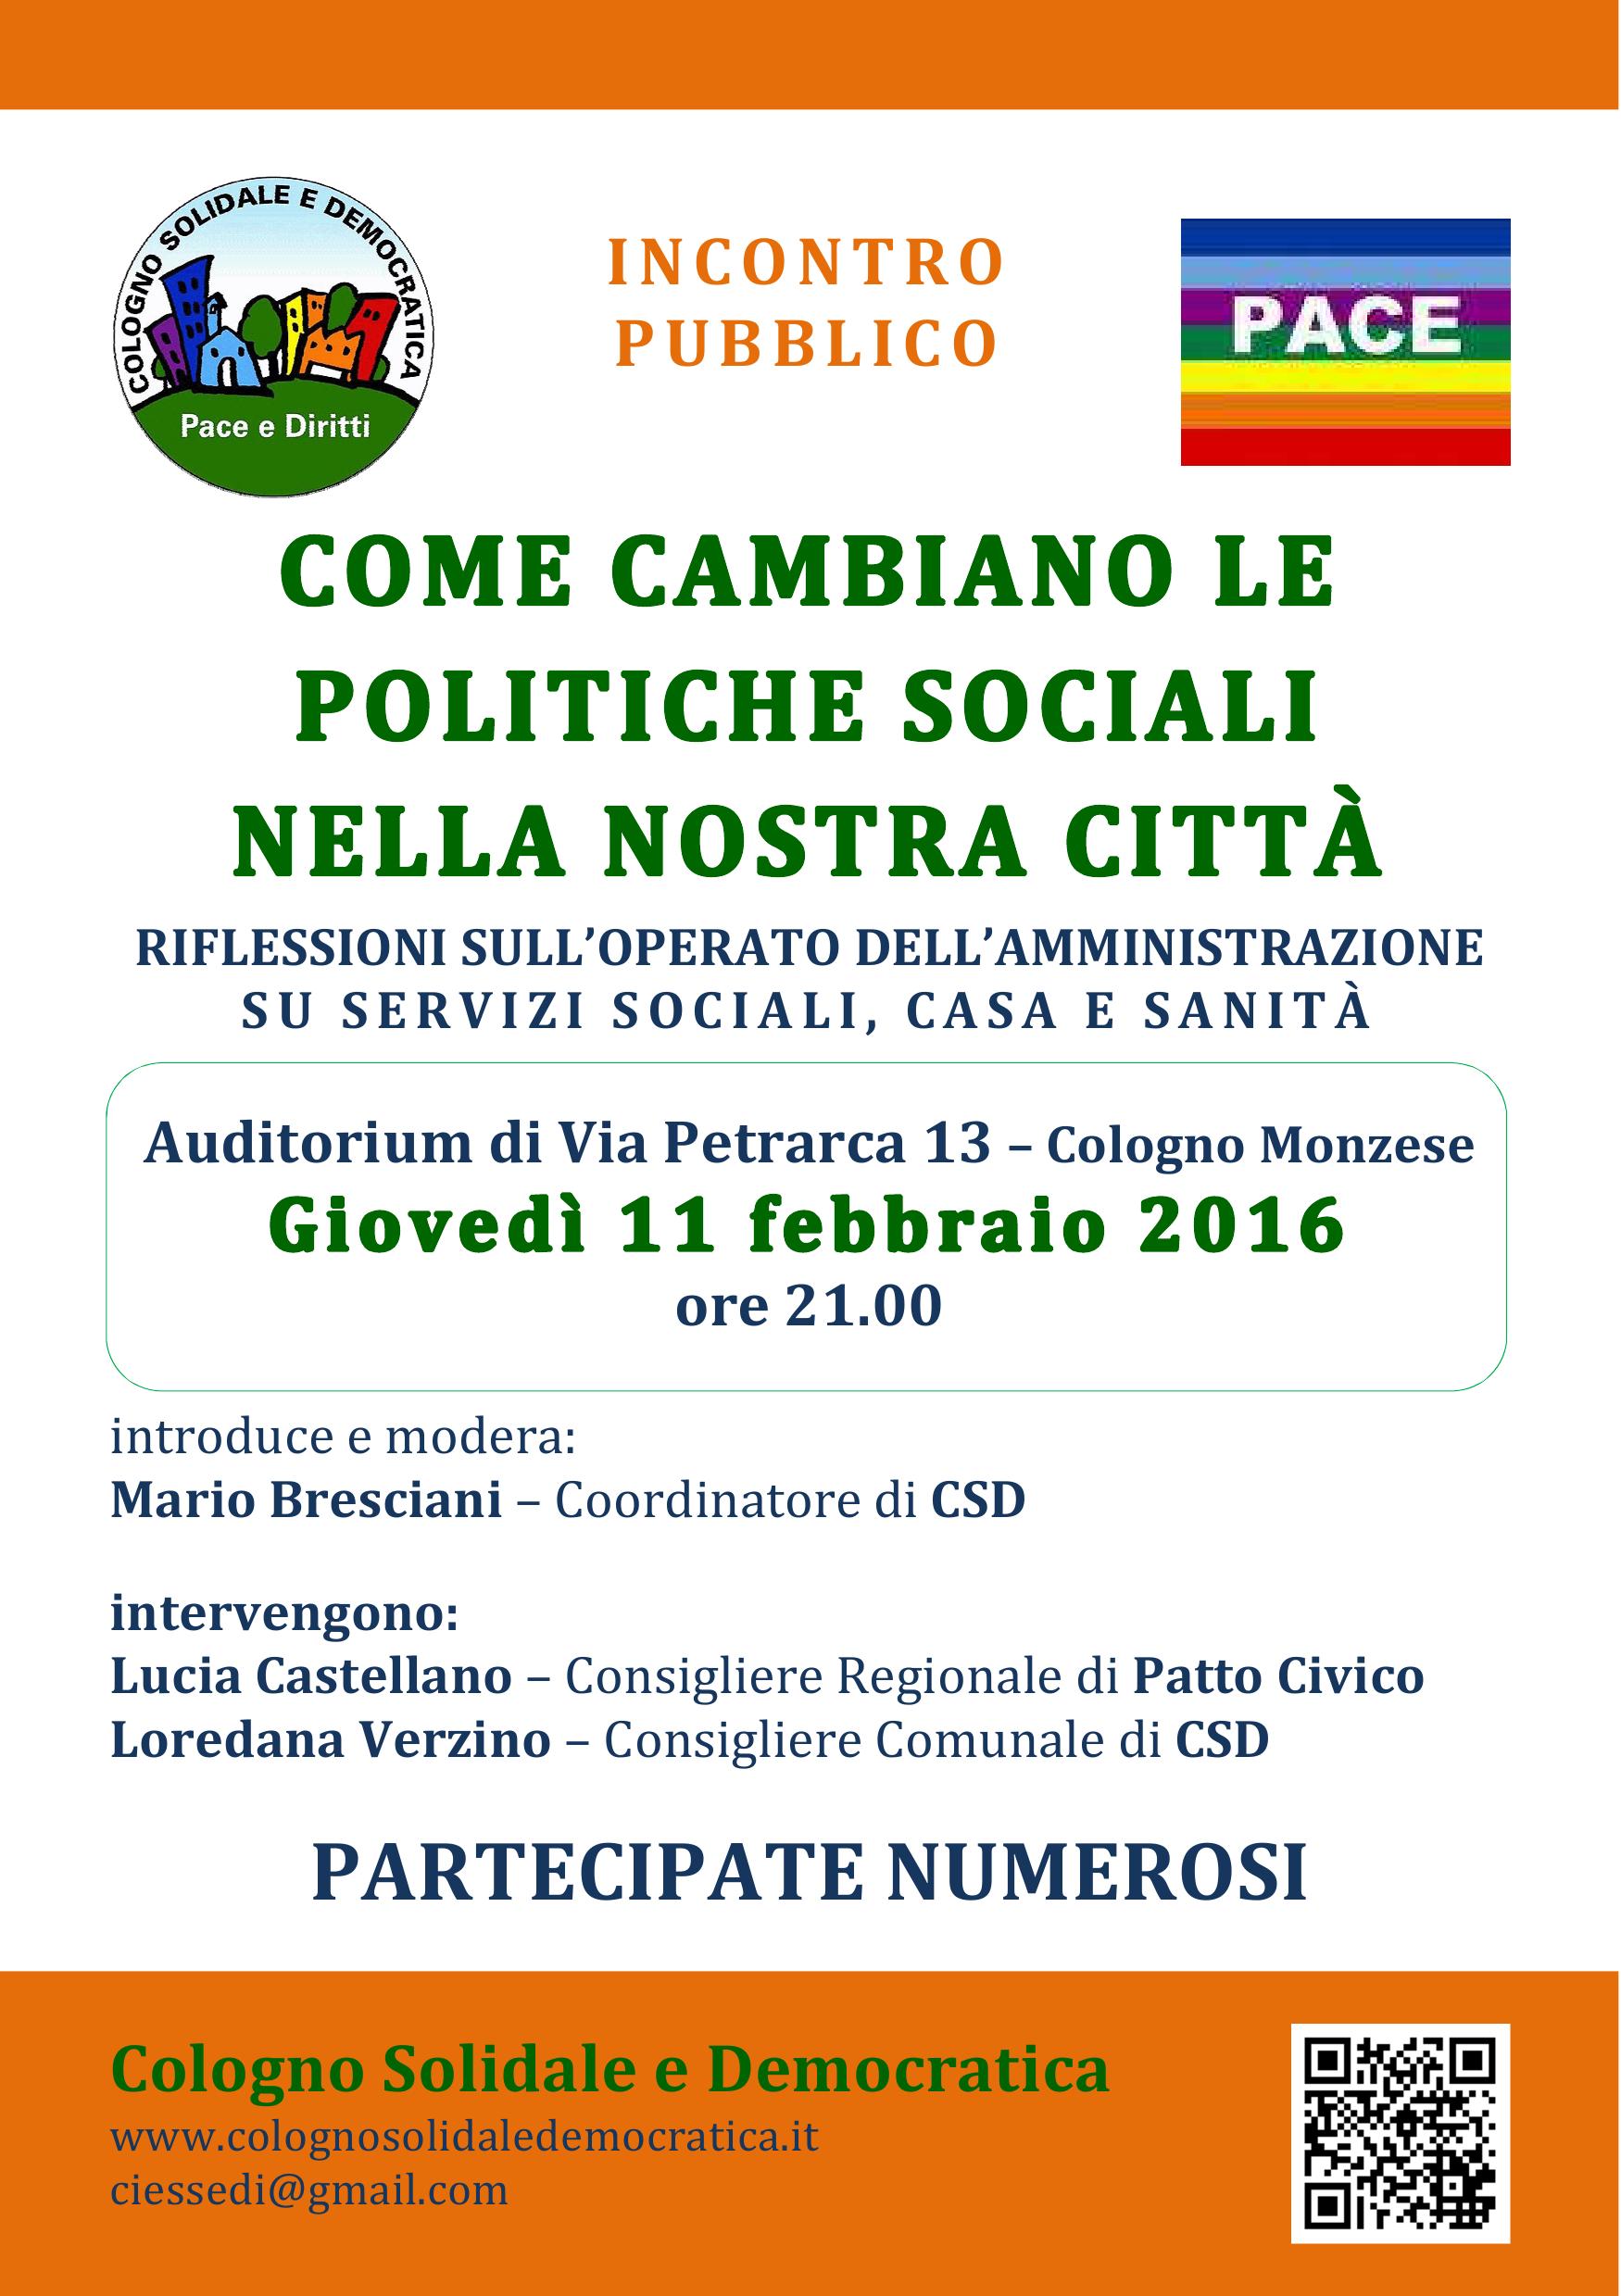 volantino_CSD_incontro pubblico 11_2_def2